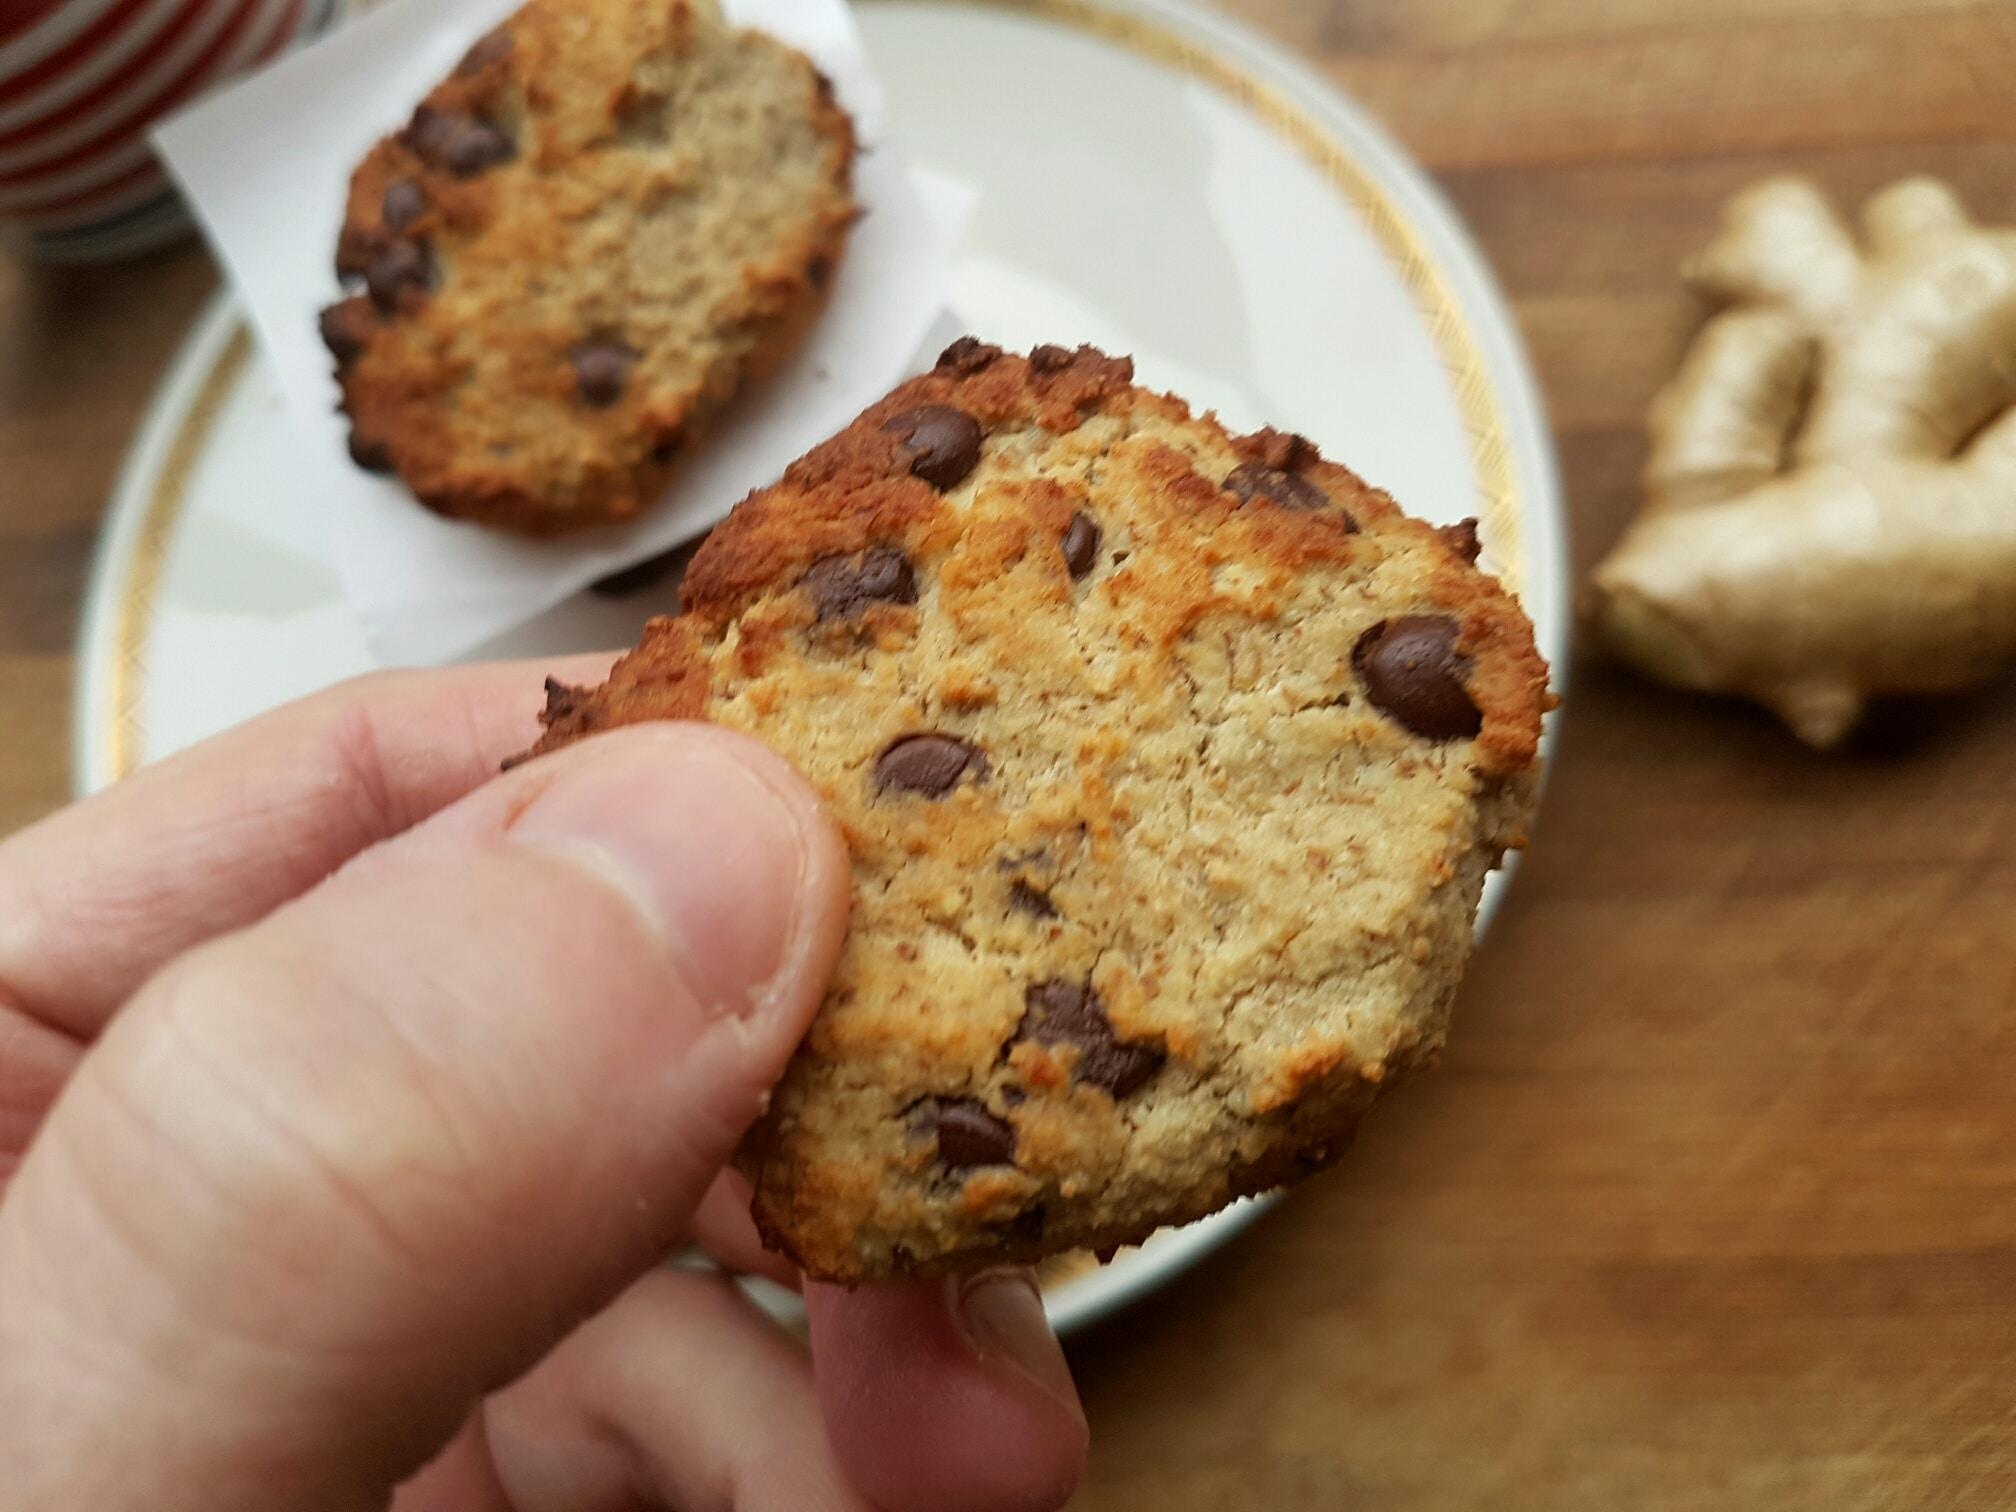 Ingwer kekse vegan rezept